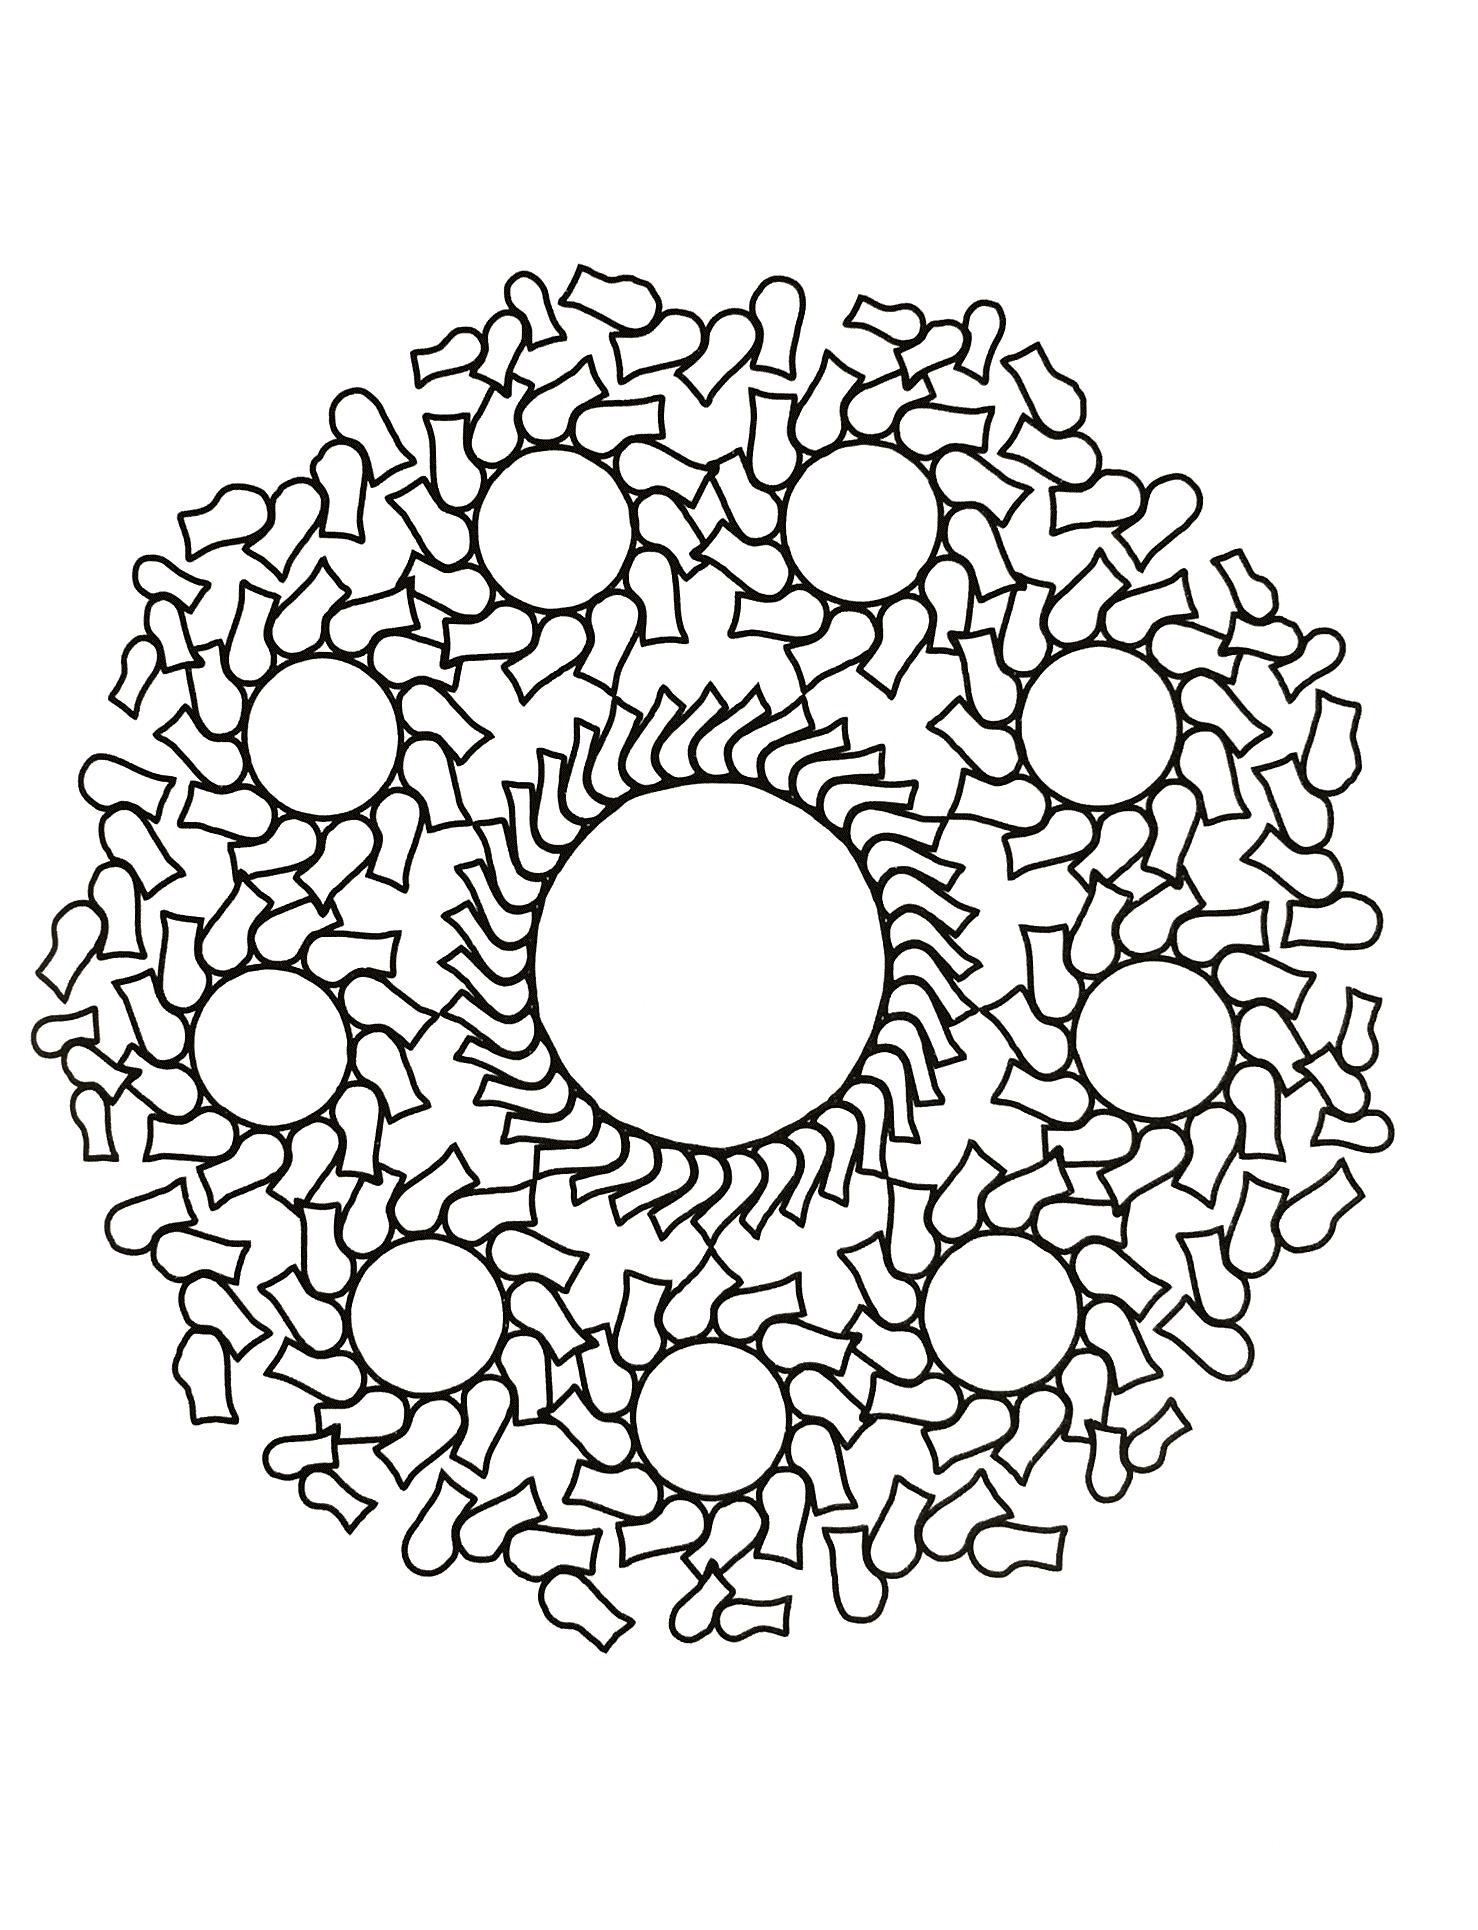 Mandala Ronds Et Droles De Formes Mandalas Zen Anti Stress 100 Mandalas Zen Anti Stress